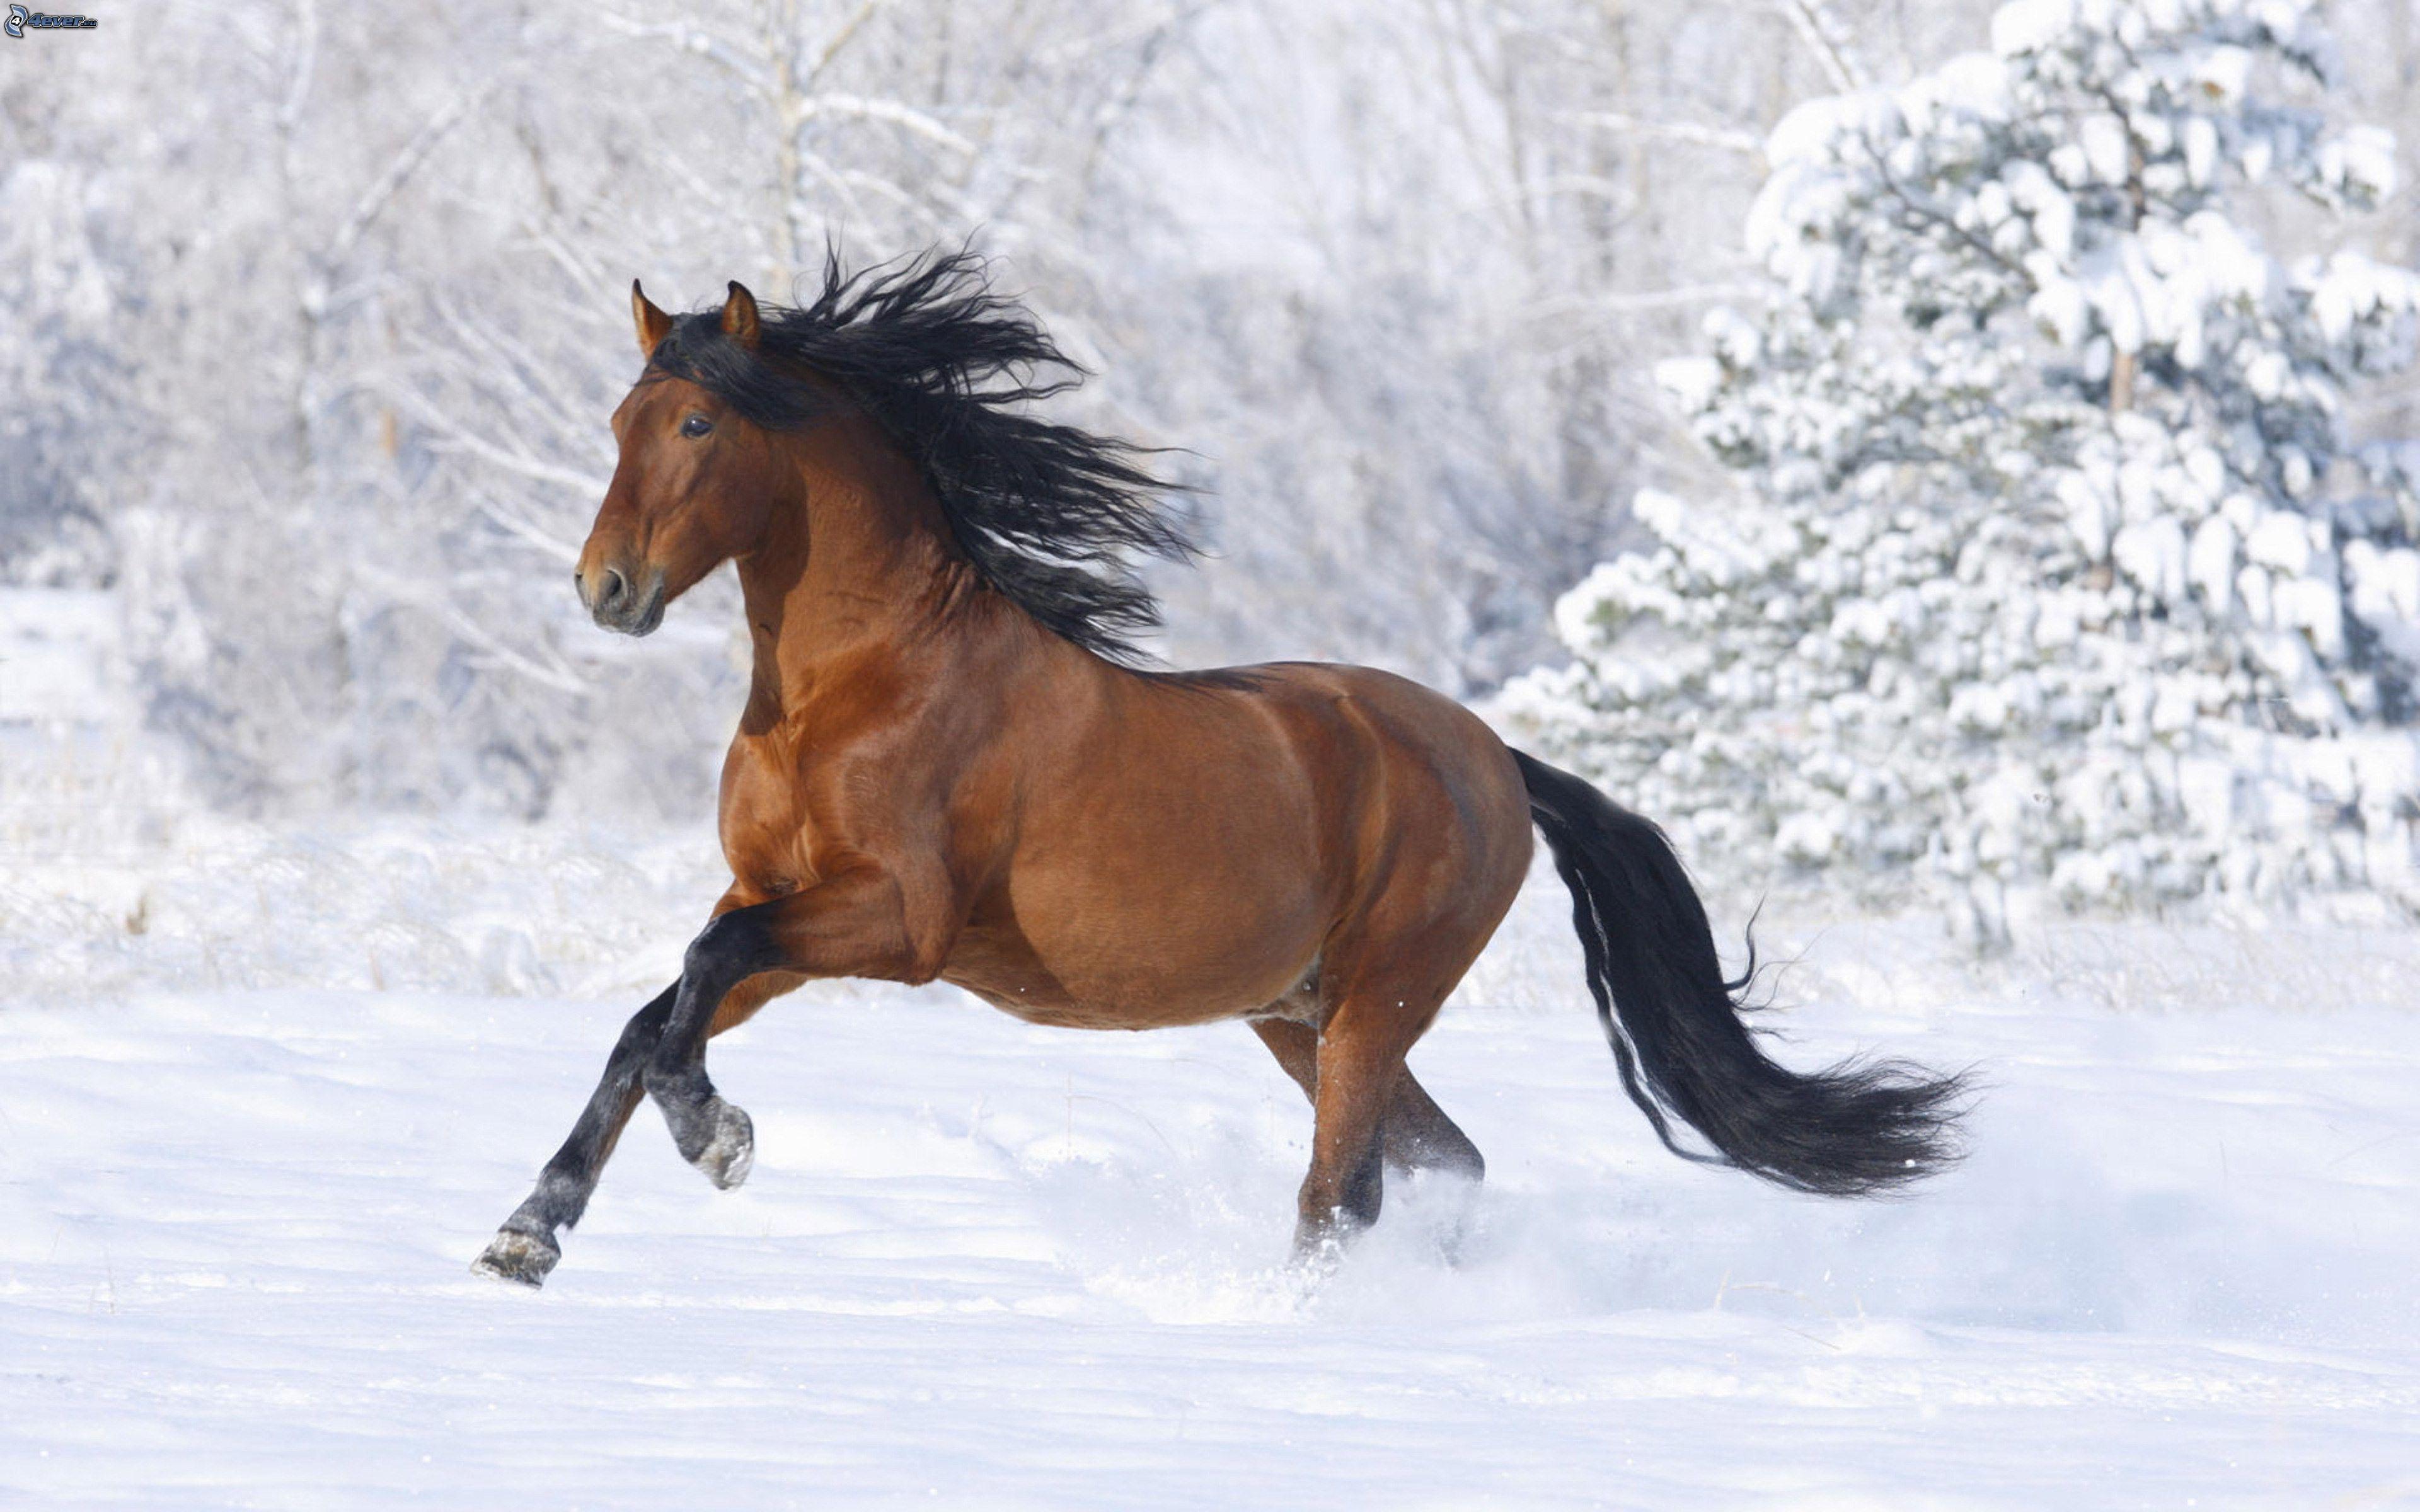 dieses pferd ist gefährlich